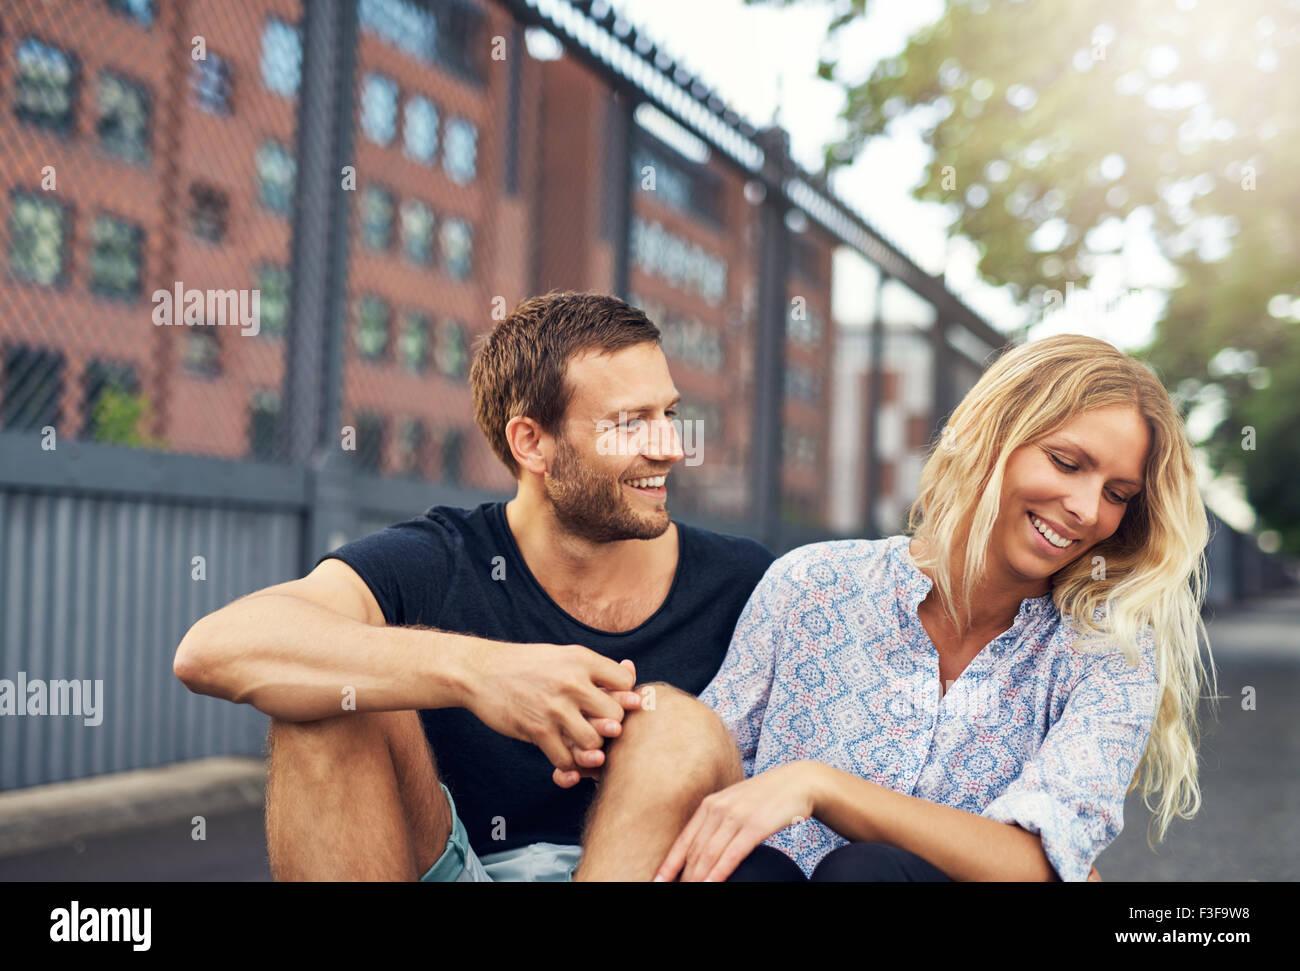 Mann seine Freundin necken, big city Paar in einem Park Stockbild